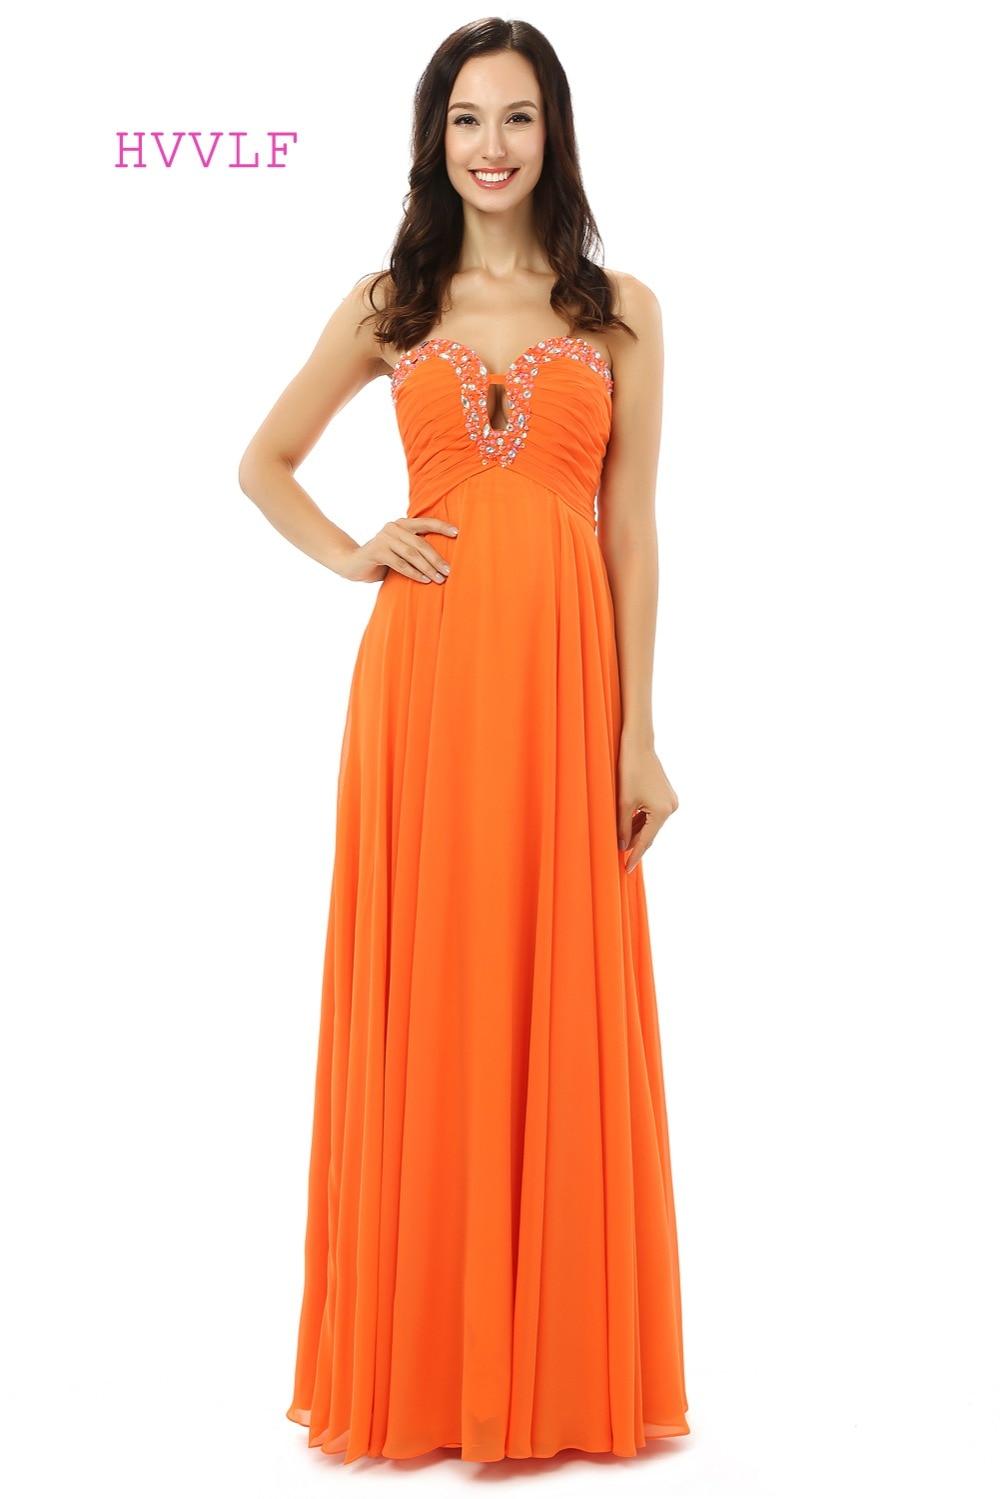 Robe De soirée Orange 2019 a-ligne chérie en mousseline De soie perles cristaux formelle femmes longues robes De bal Robe De bal Robe De soirée